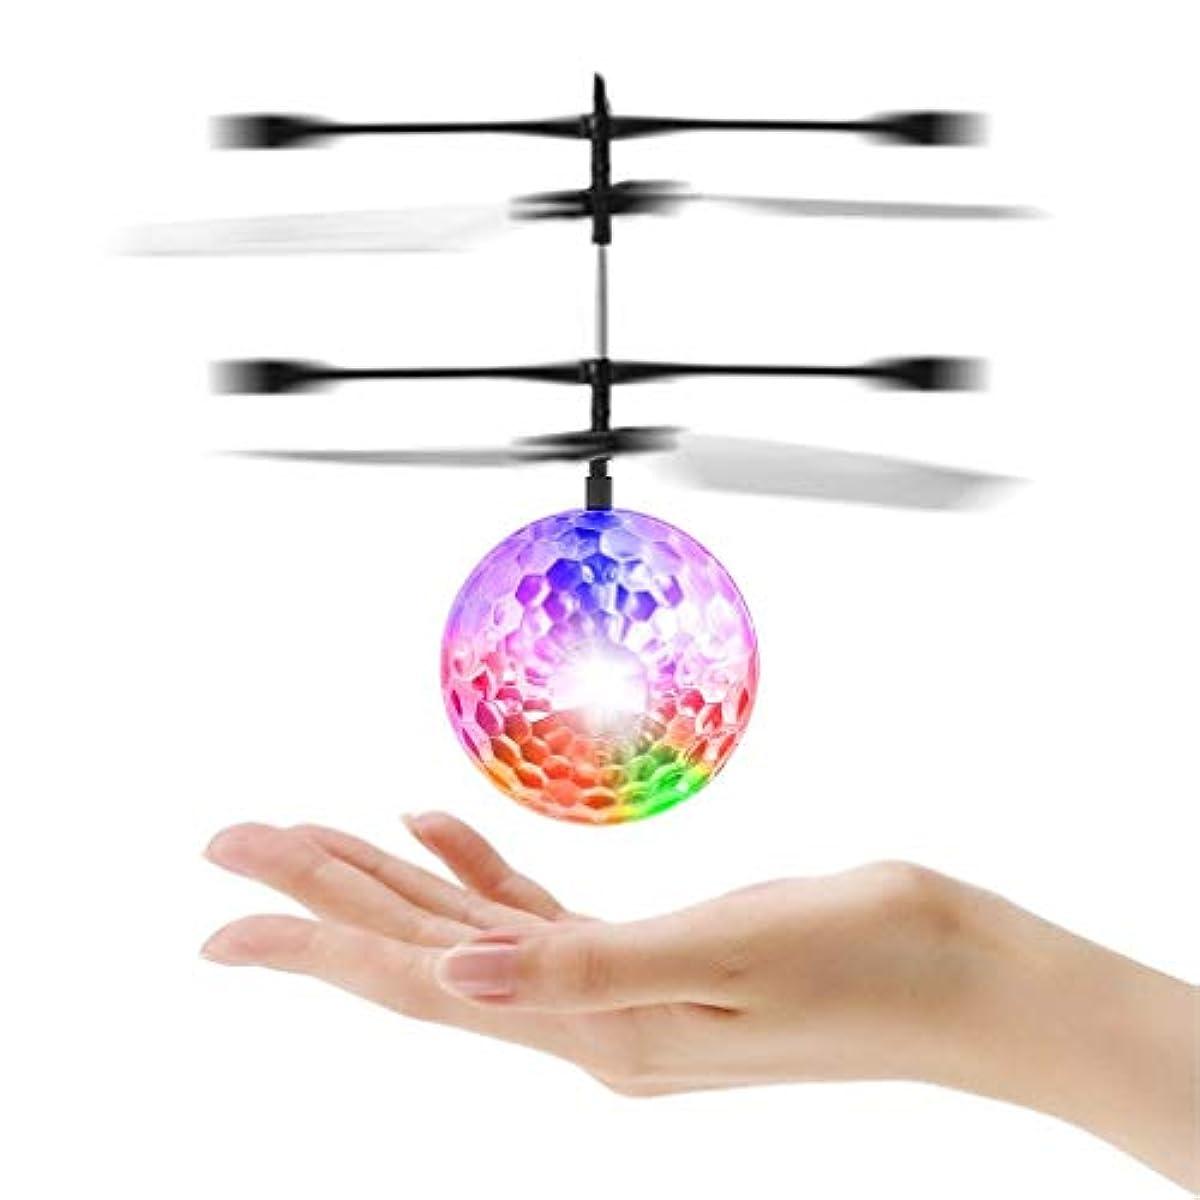 [해외] CHASELPOD RC플라잉 볼 LED헤리 볼 아이의 장난감 반짝반짝 빛난 라이트 적외선 헤리 빛나는 볼 손바닥에 조작하는 볼형 헤리 (퍼터입1)